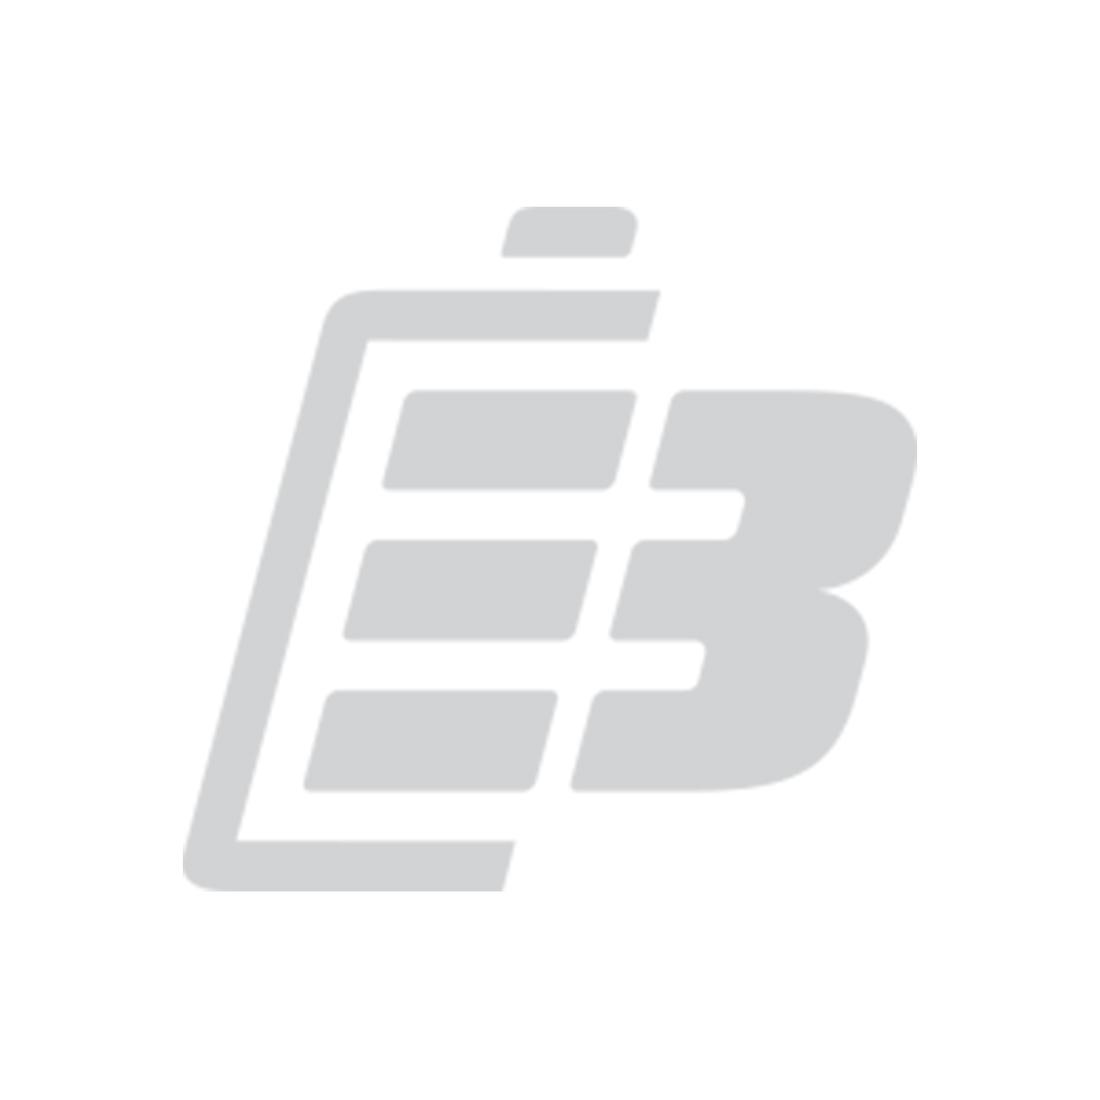 Μπαταρία barcode scanner Symbol PDT8100_1